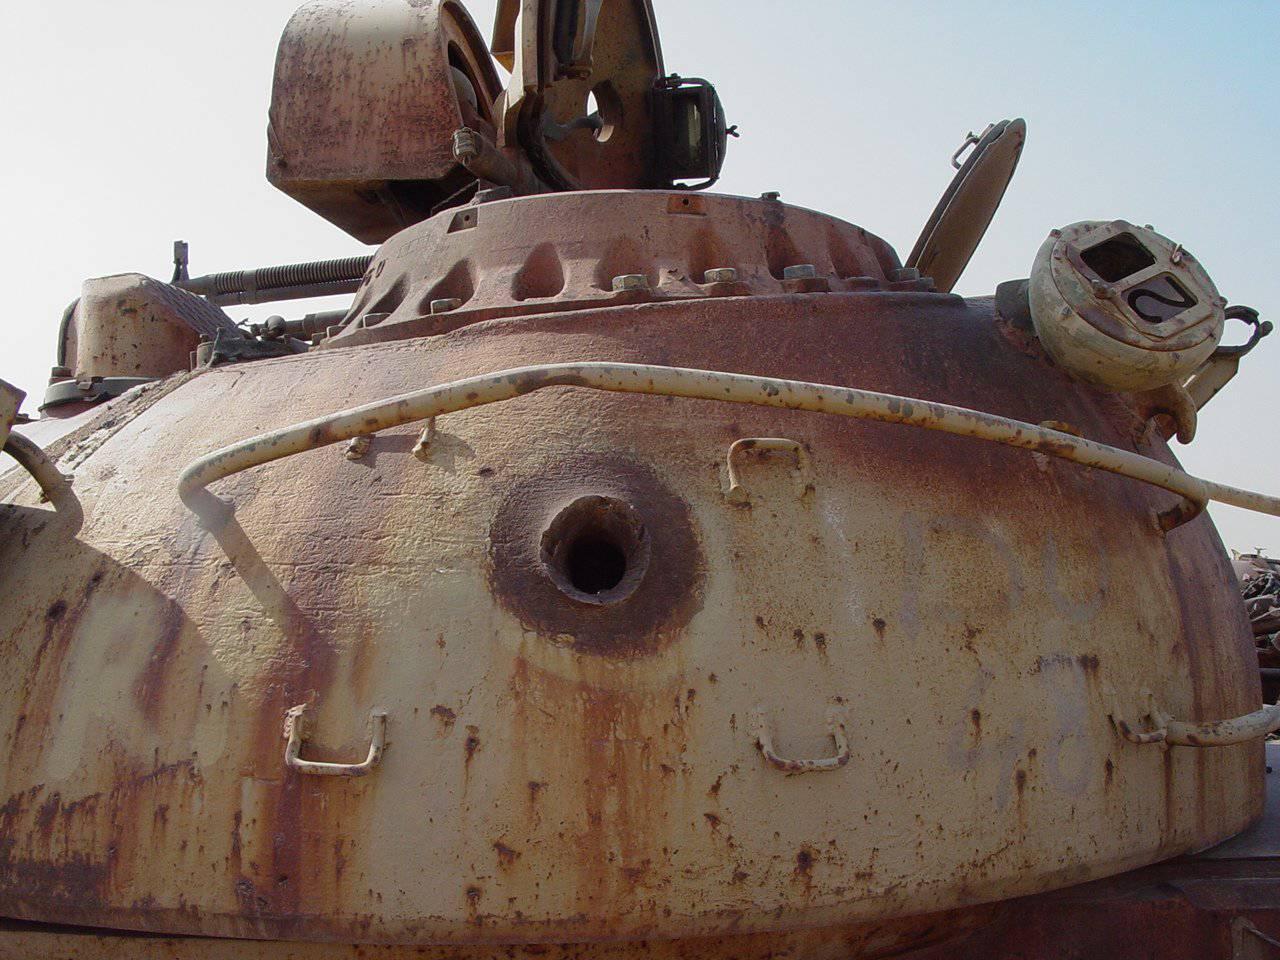 Cmentarzysko czołgów w Kuwejcie 14